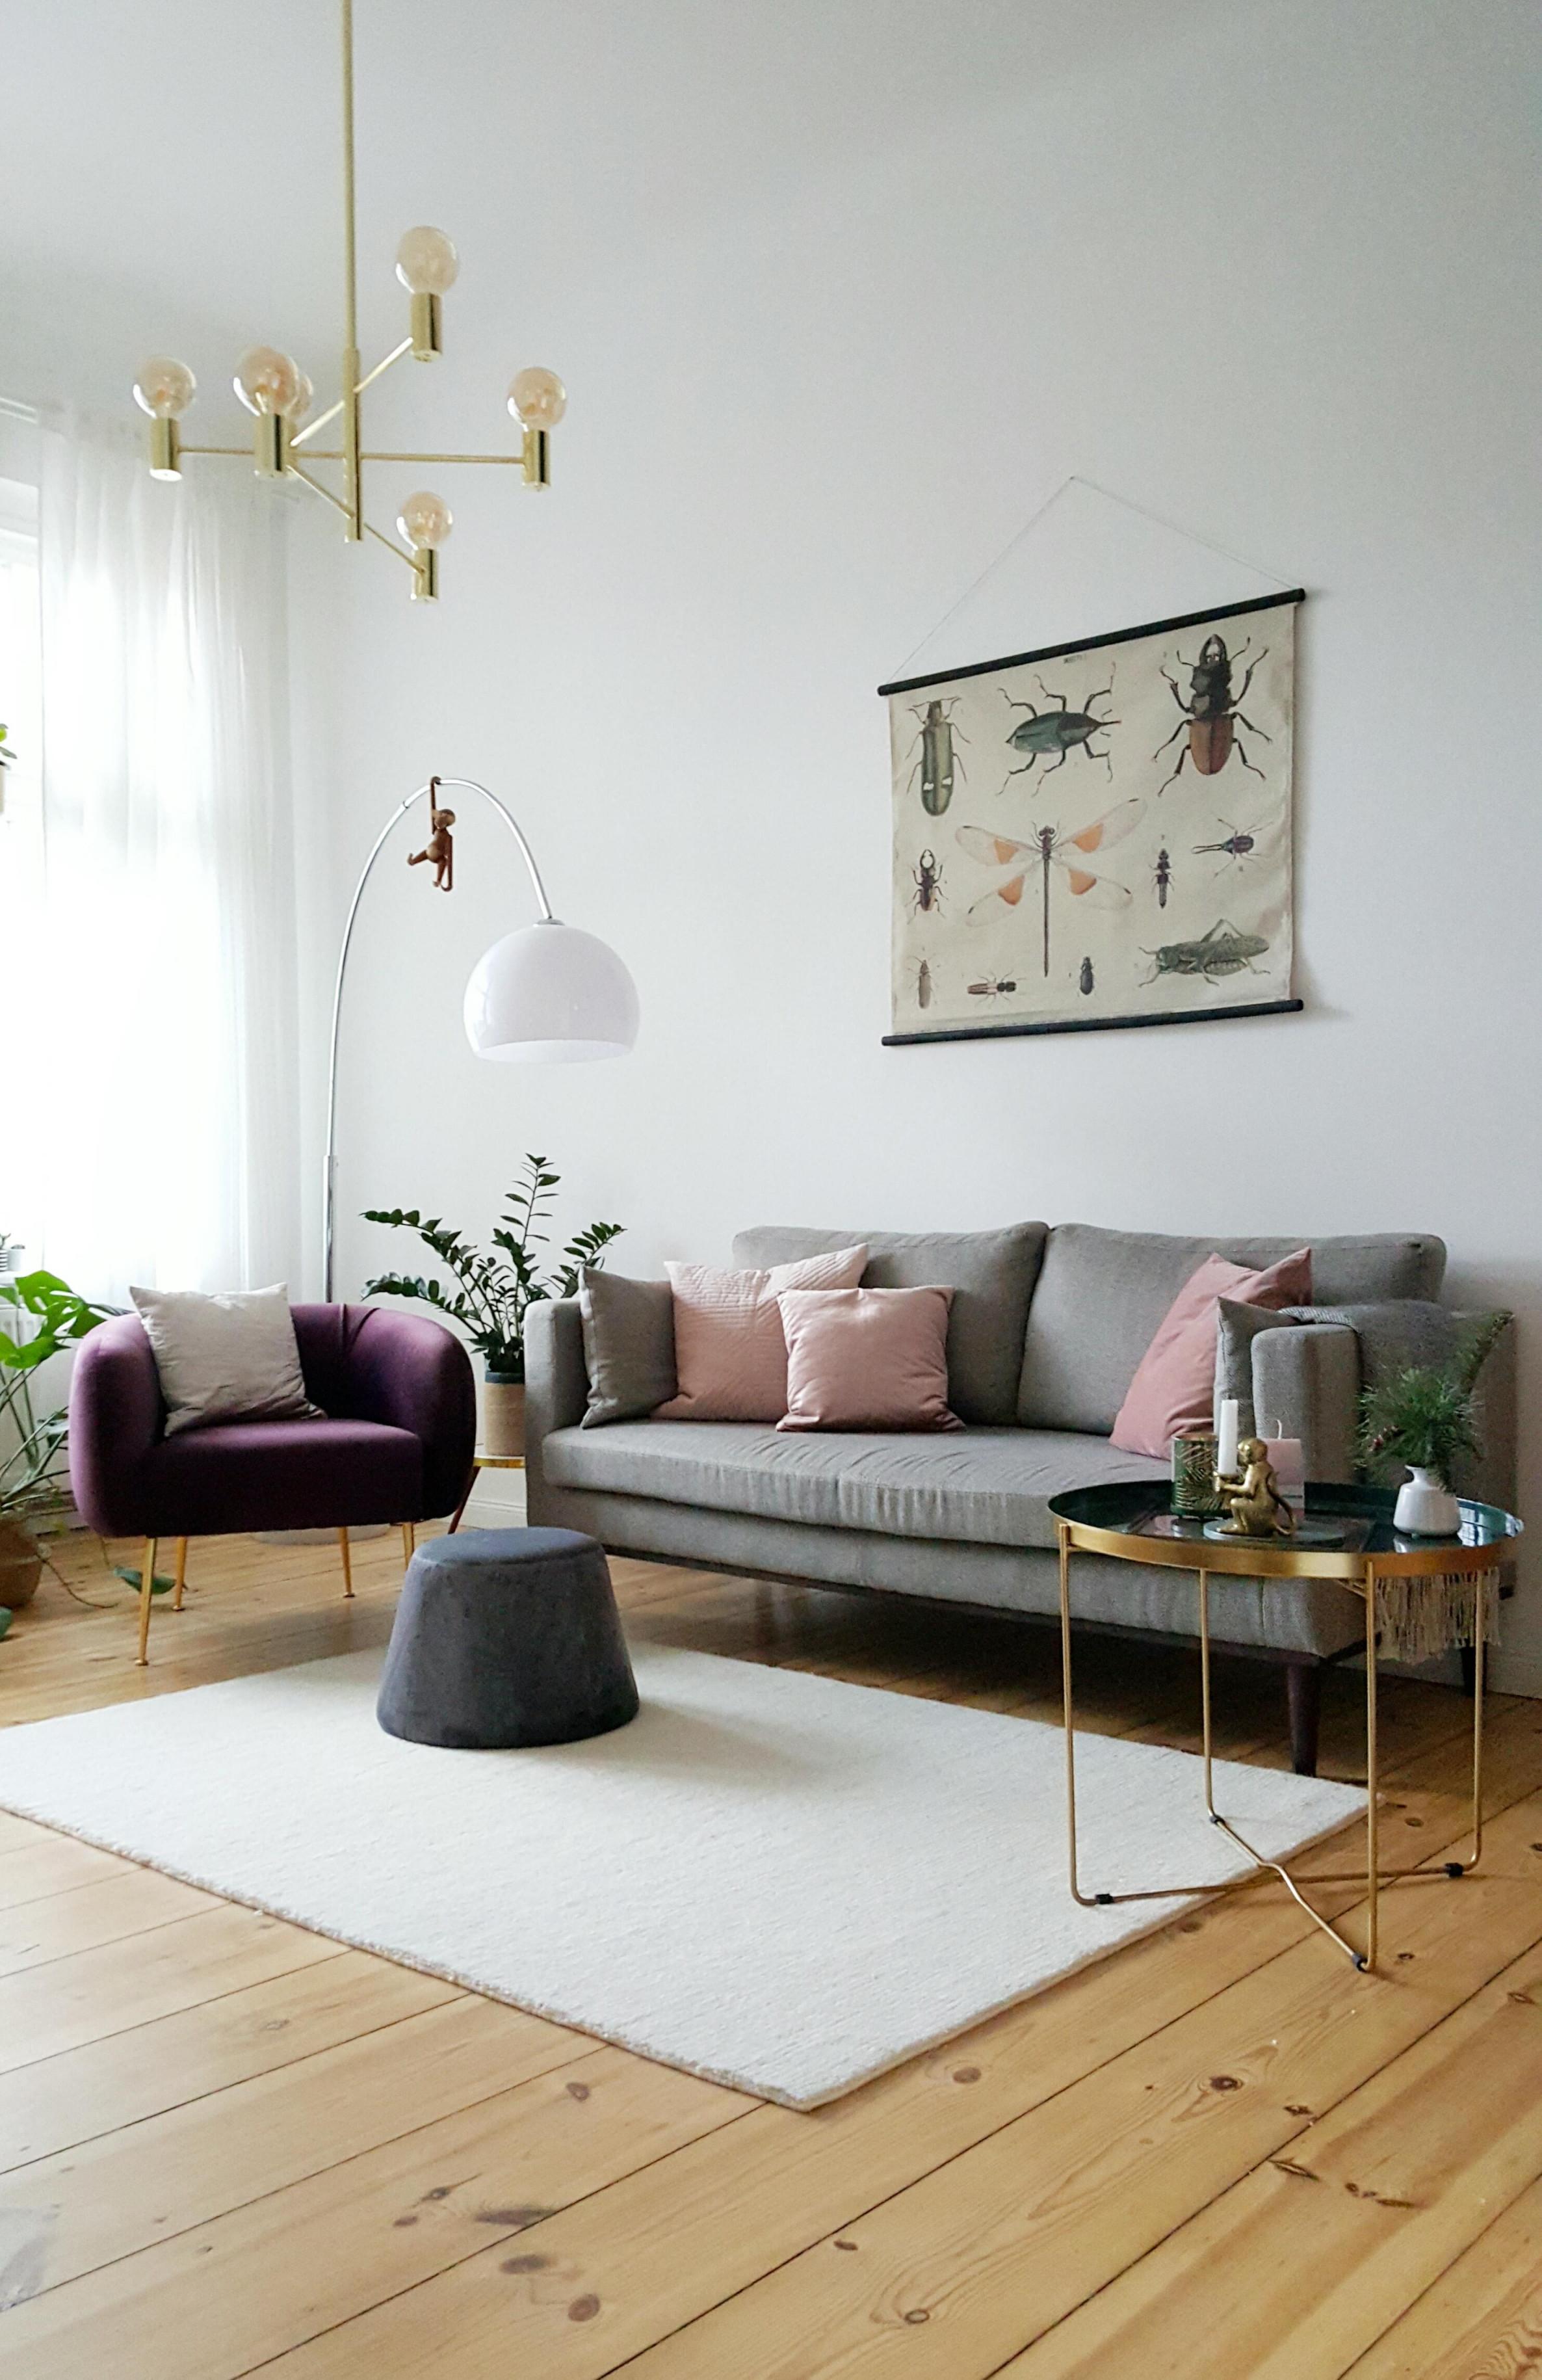 Retro Die Besten Ideen Zeigt Dir Couch von Retro Wohnzimmer Ideen Photo